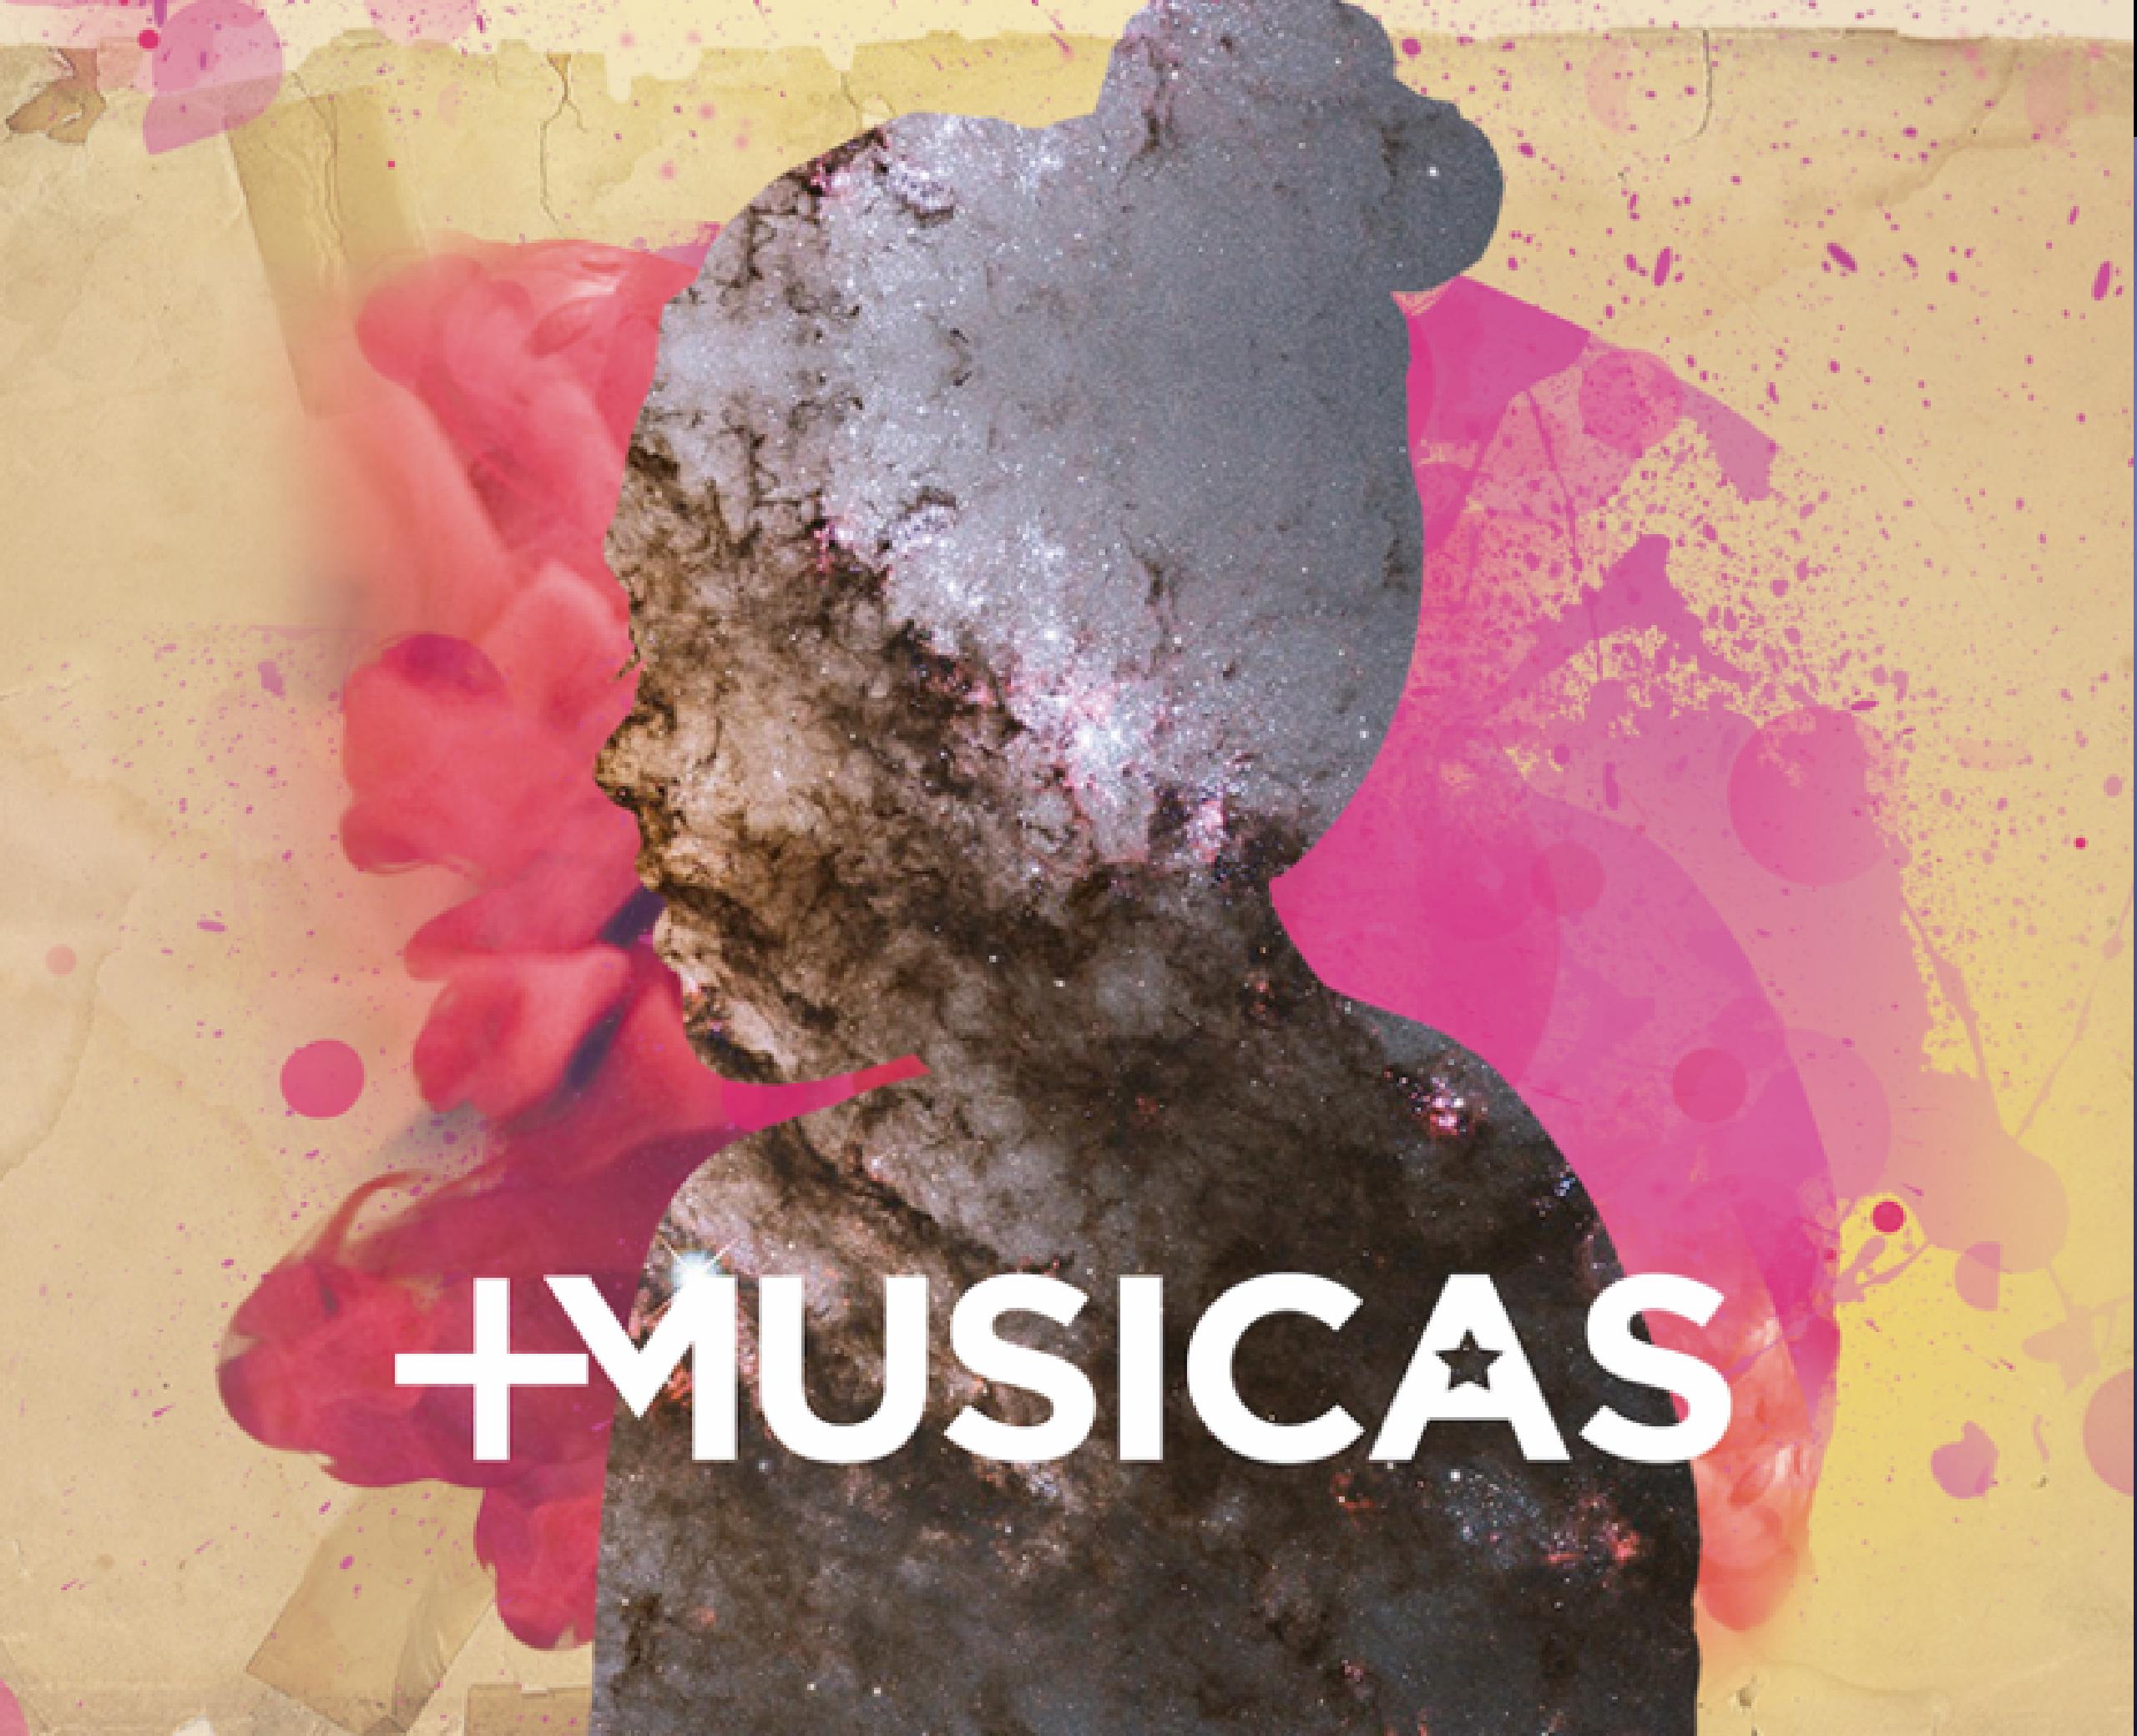 mas musicas